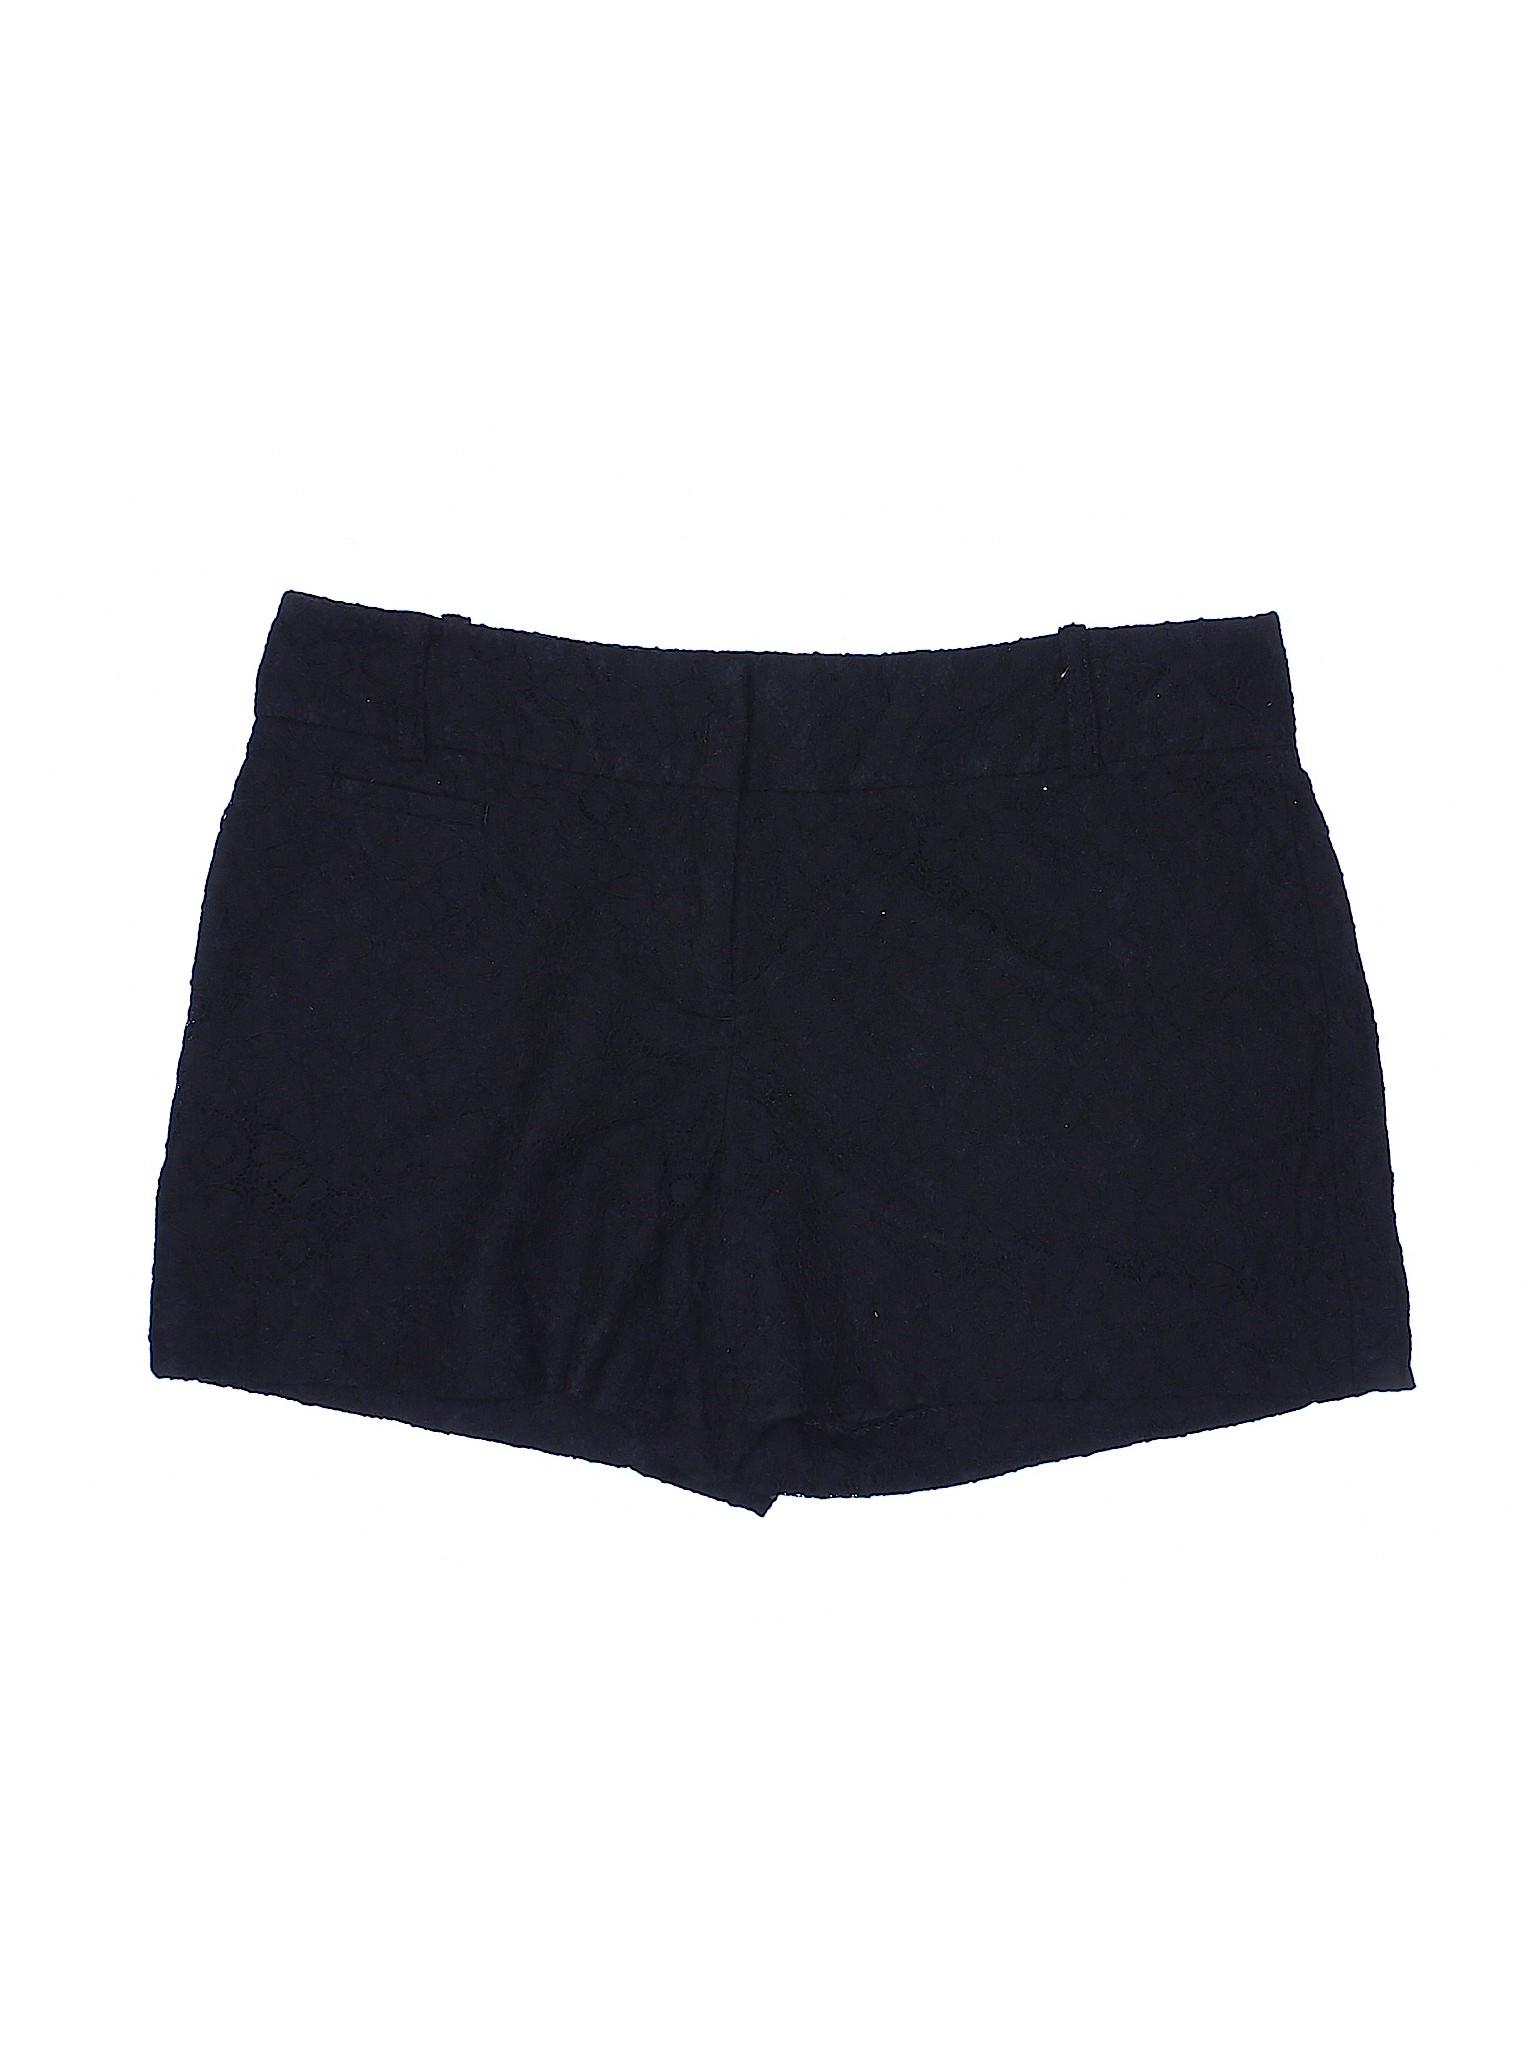 Shorts LOFT Boutique Taylor Ann Boutique Ann 480X1qUZ